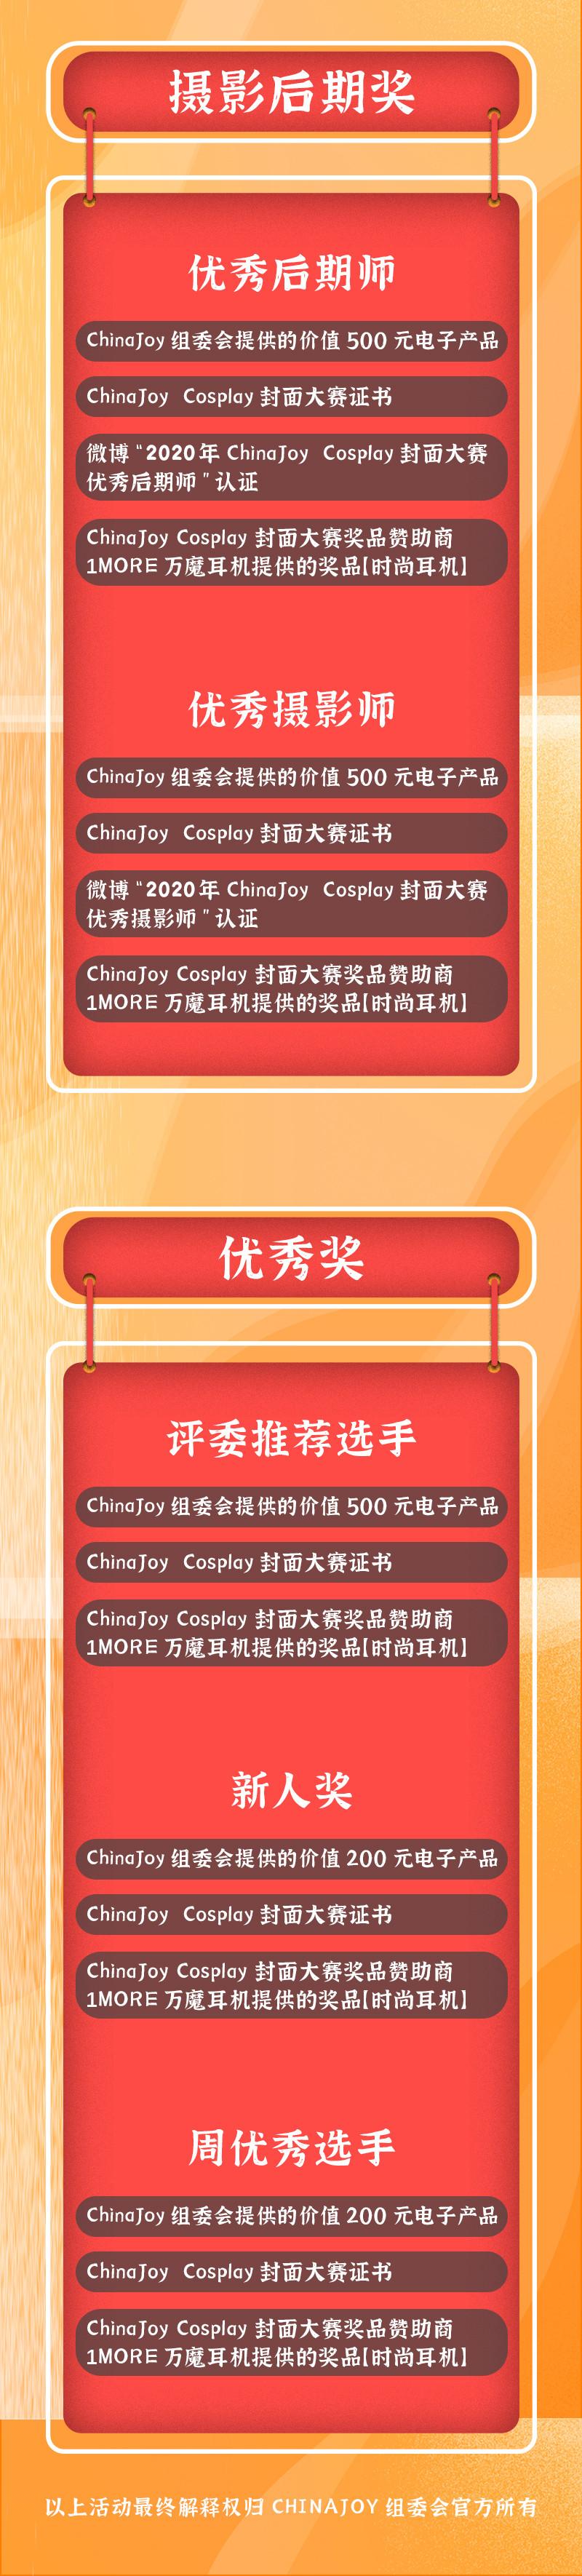 他来了!带着 ChinaJoy Cosplay封面大赛奖品来了!-C3动漫网